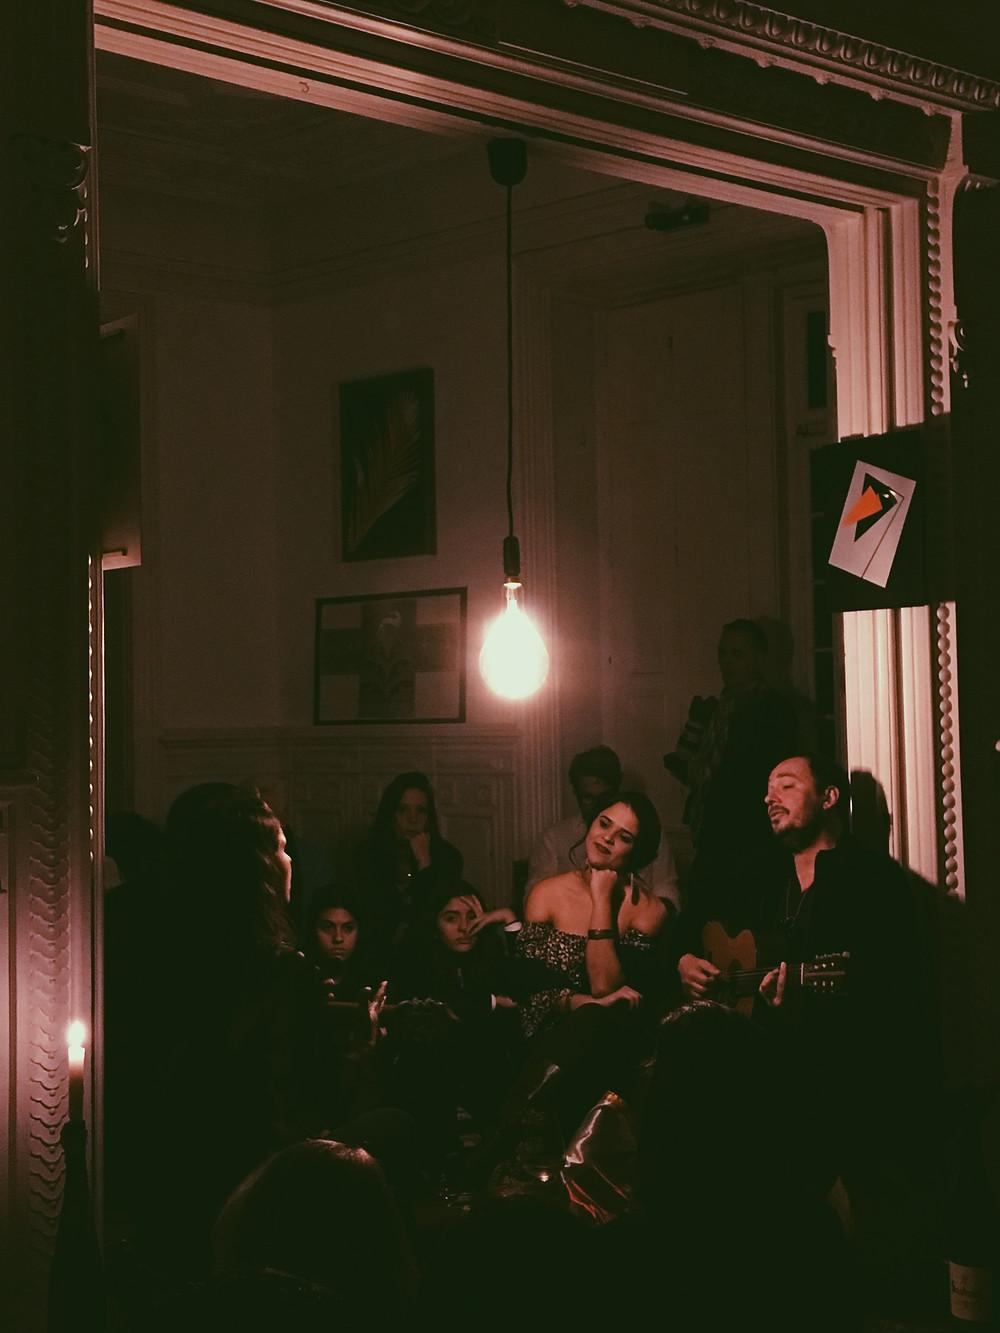 Le meilleur fado à Lisbonne - Voyage à Lisbonne blog